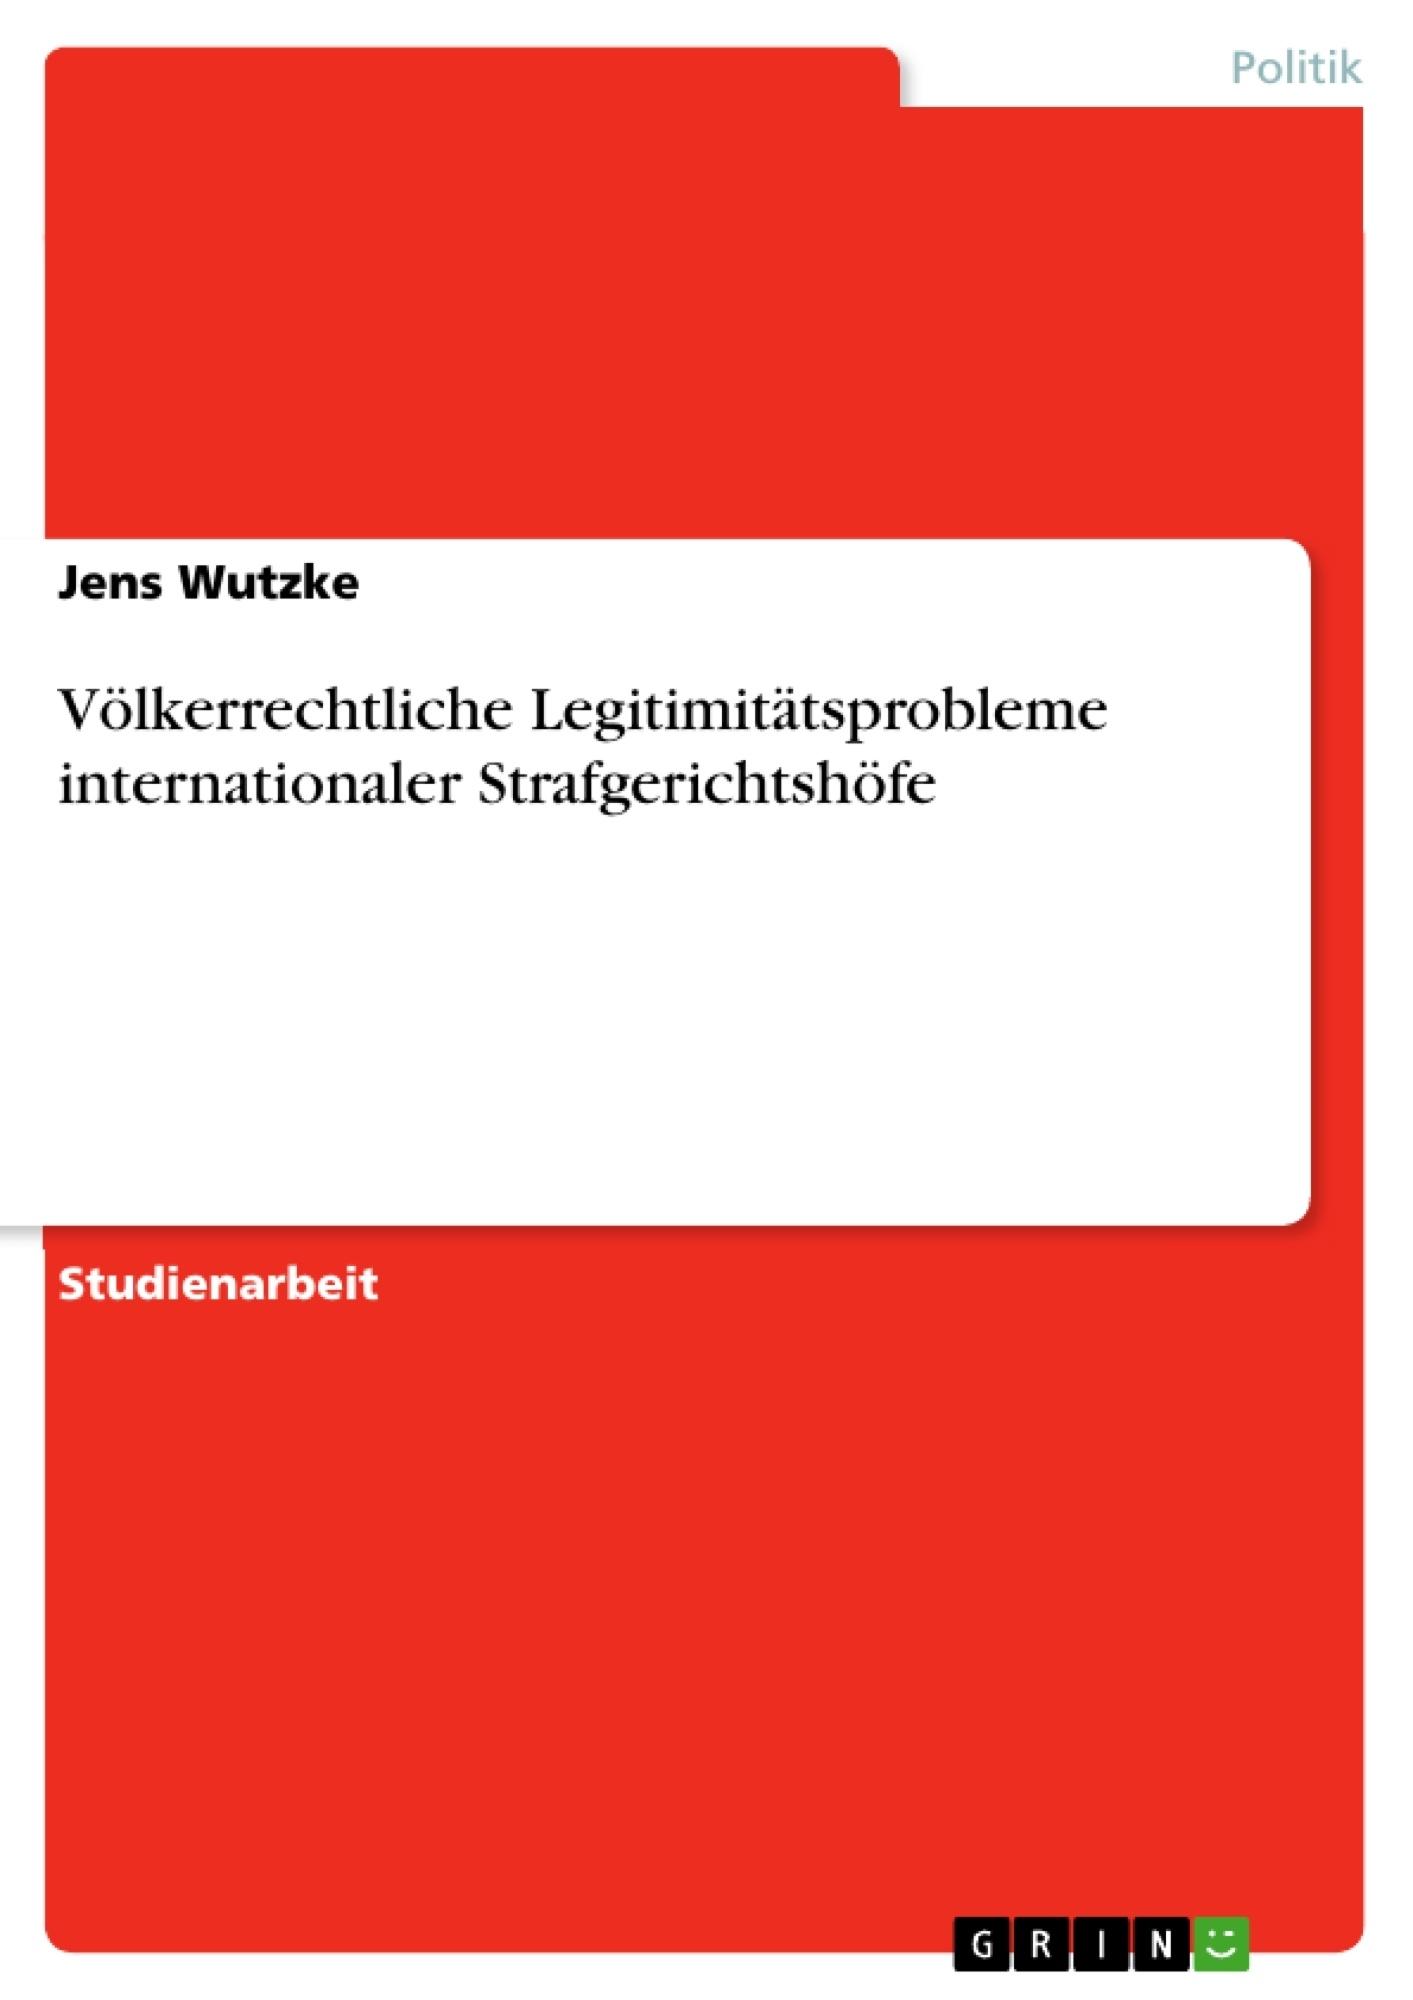 Titel: Völkerrechtliche Legitimitätsprobleme internationaler Strafgerichtshöfe